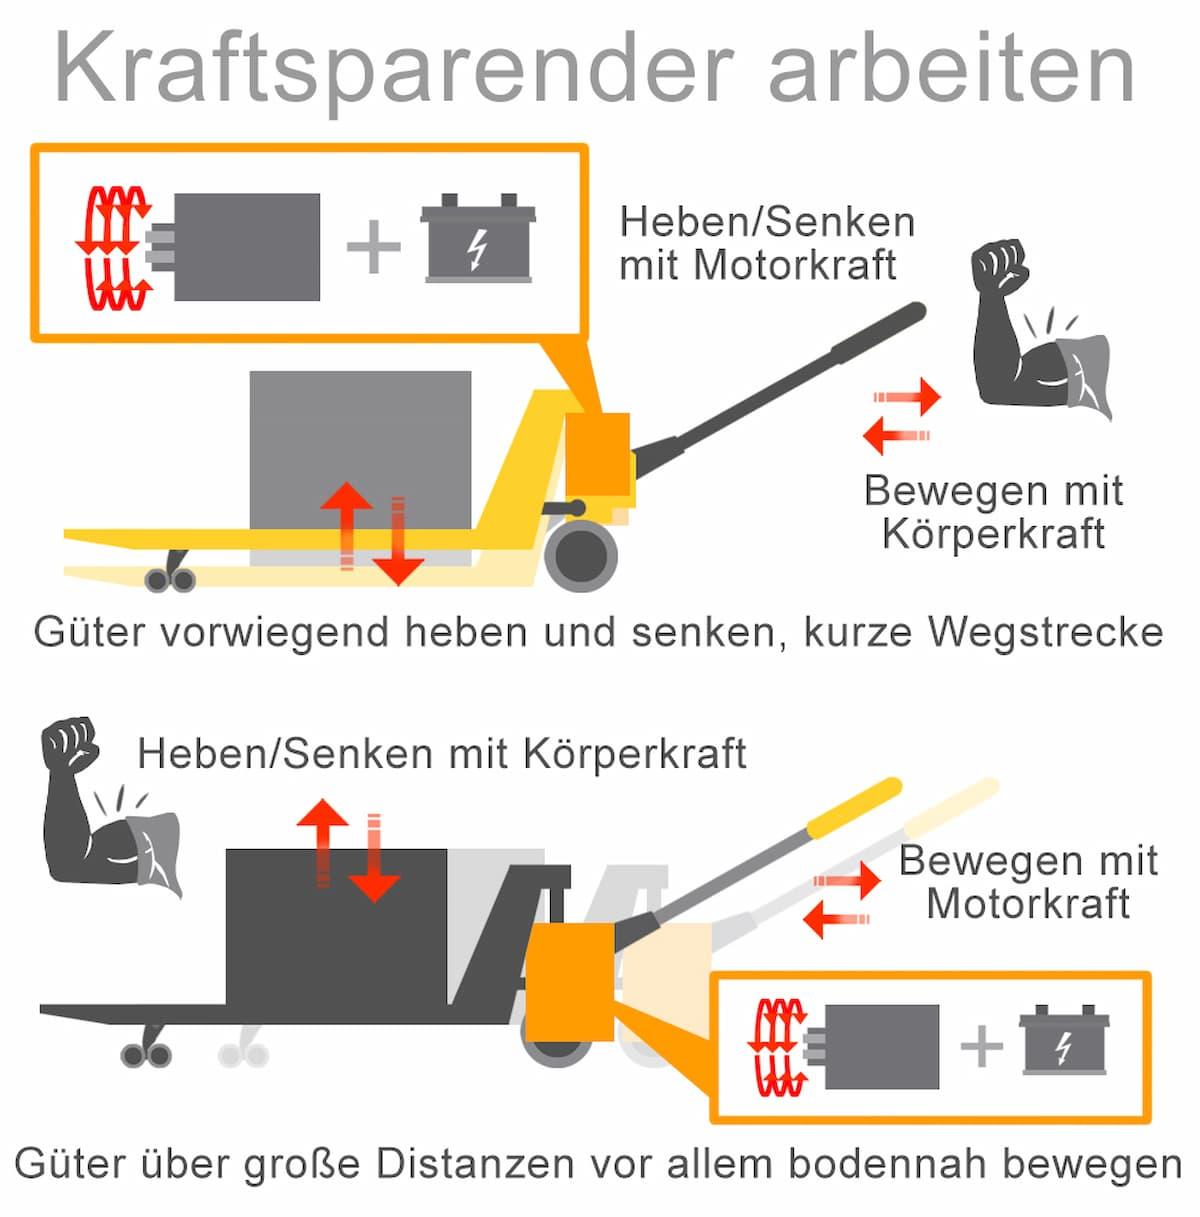 Semielektrische Hubwagen sparen Kraft im Vergleich zum Handhubwagen